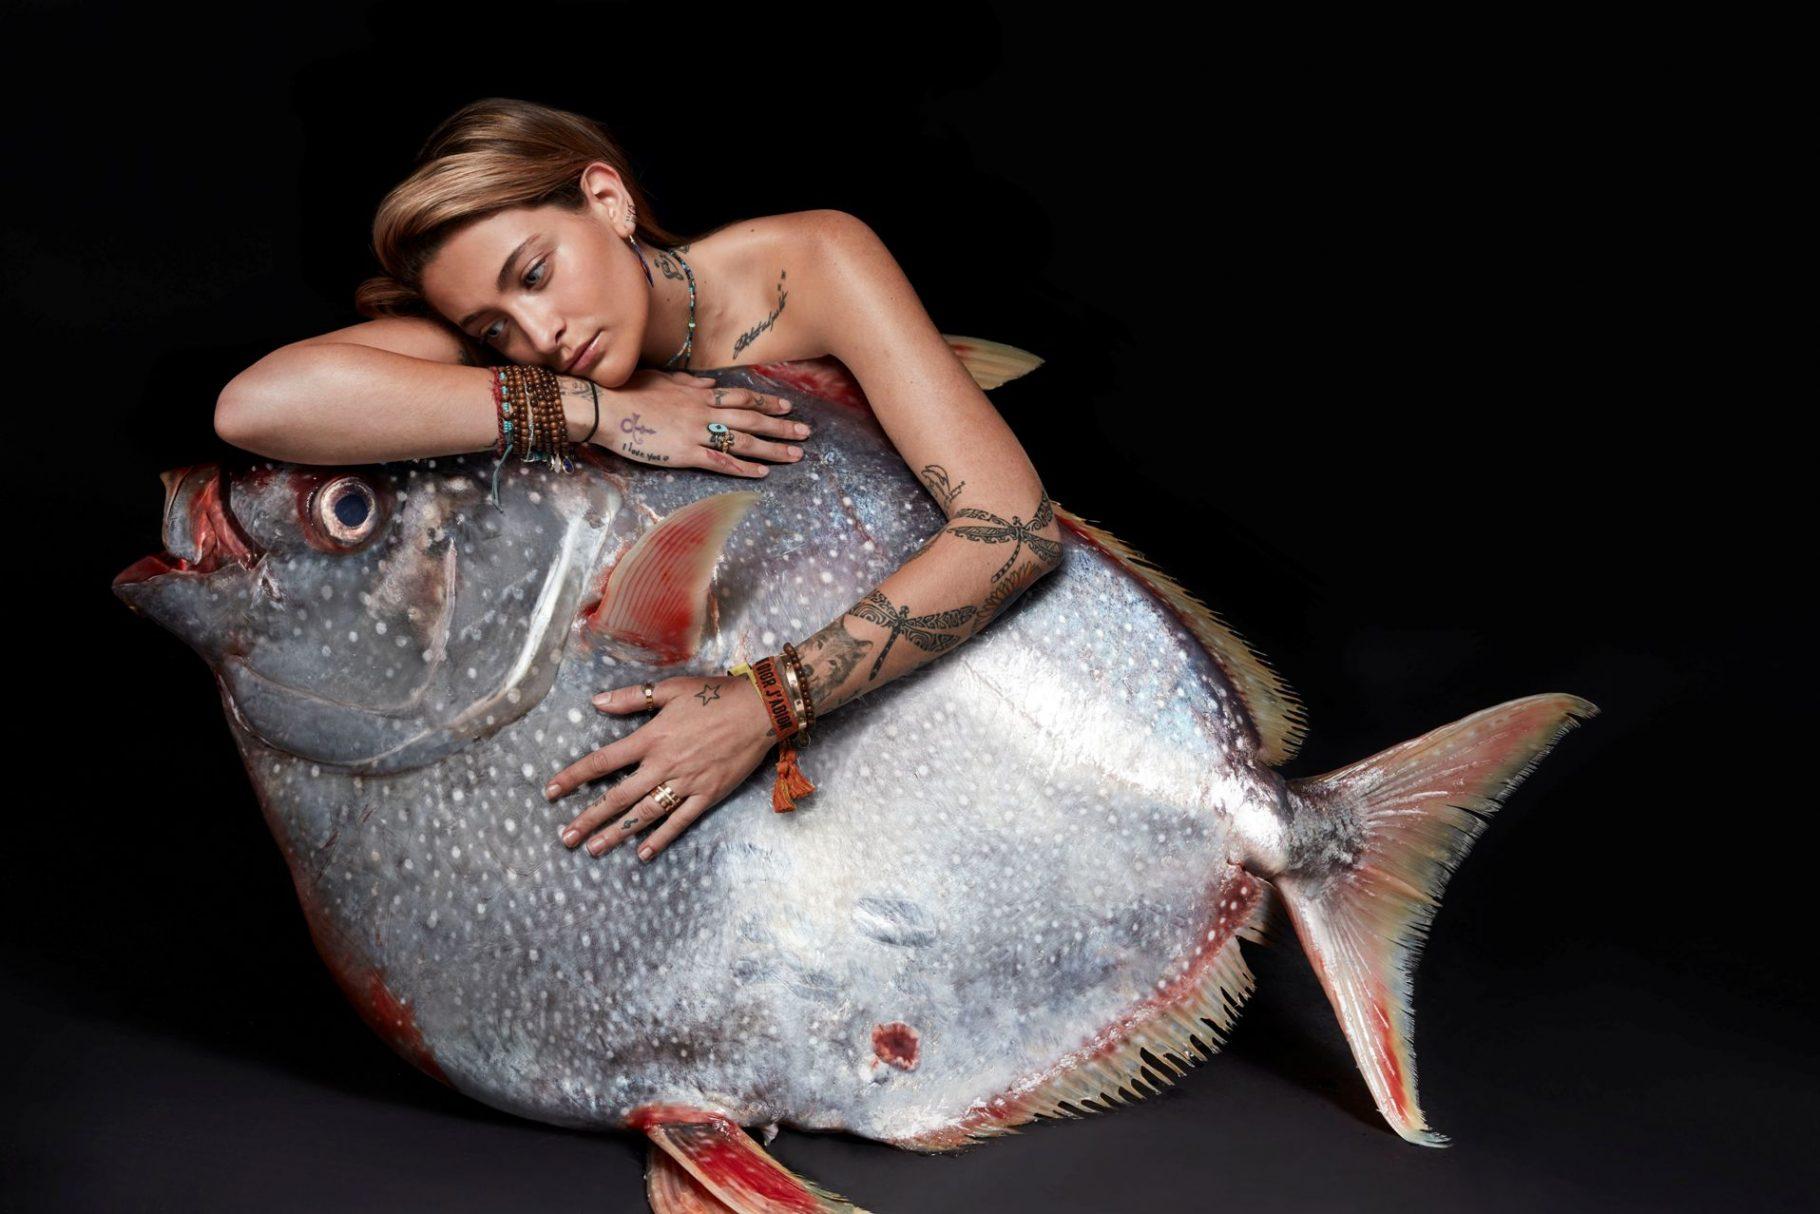 Създателят на проекта FISH LOVE идва за първи път в България